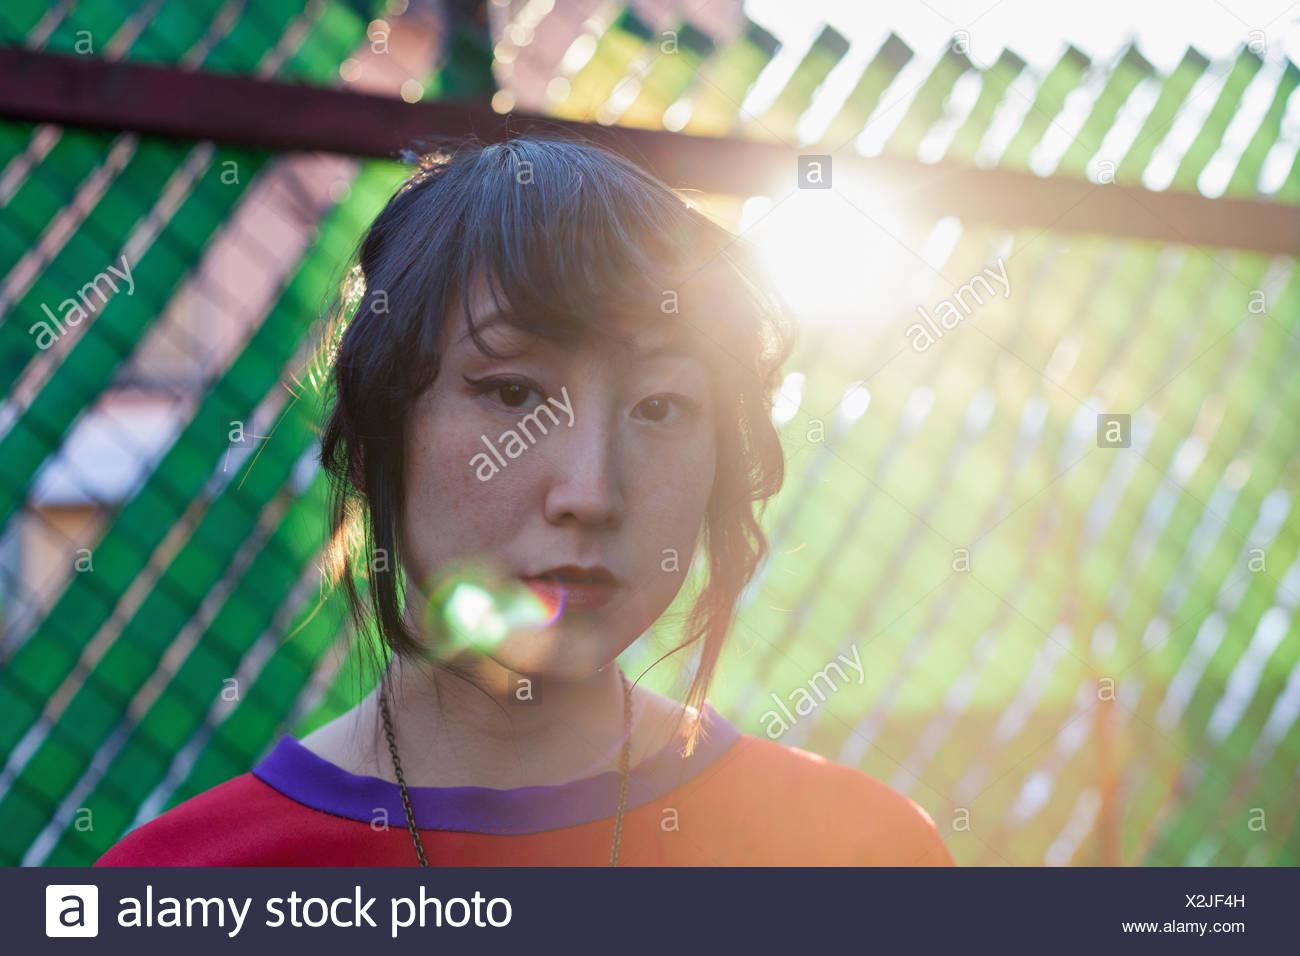 Porträt einer schönen jungen Frau Stockbild